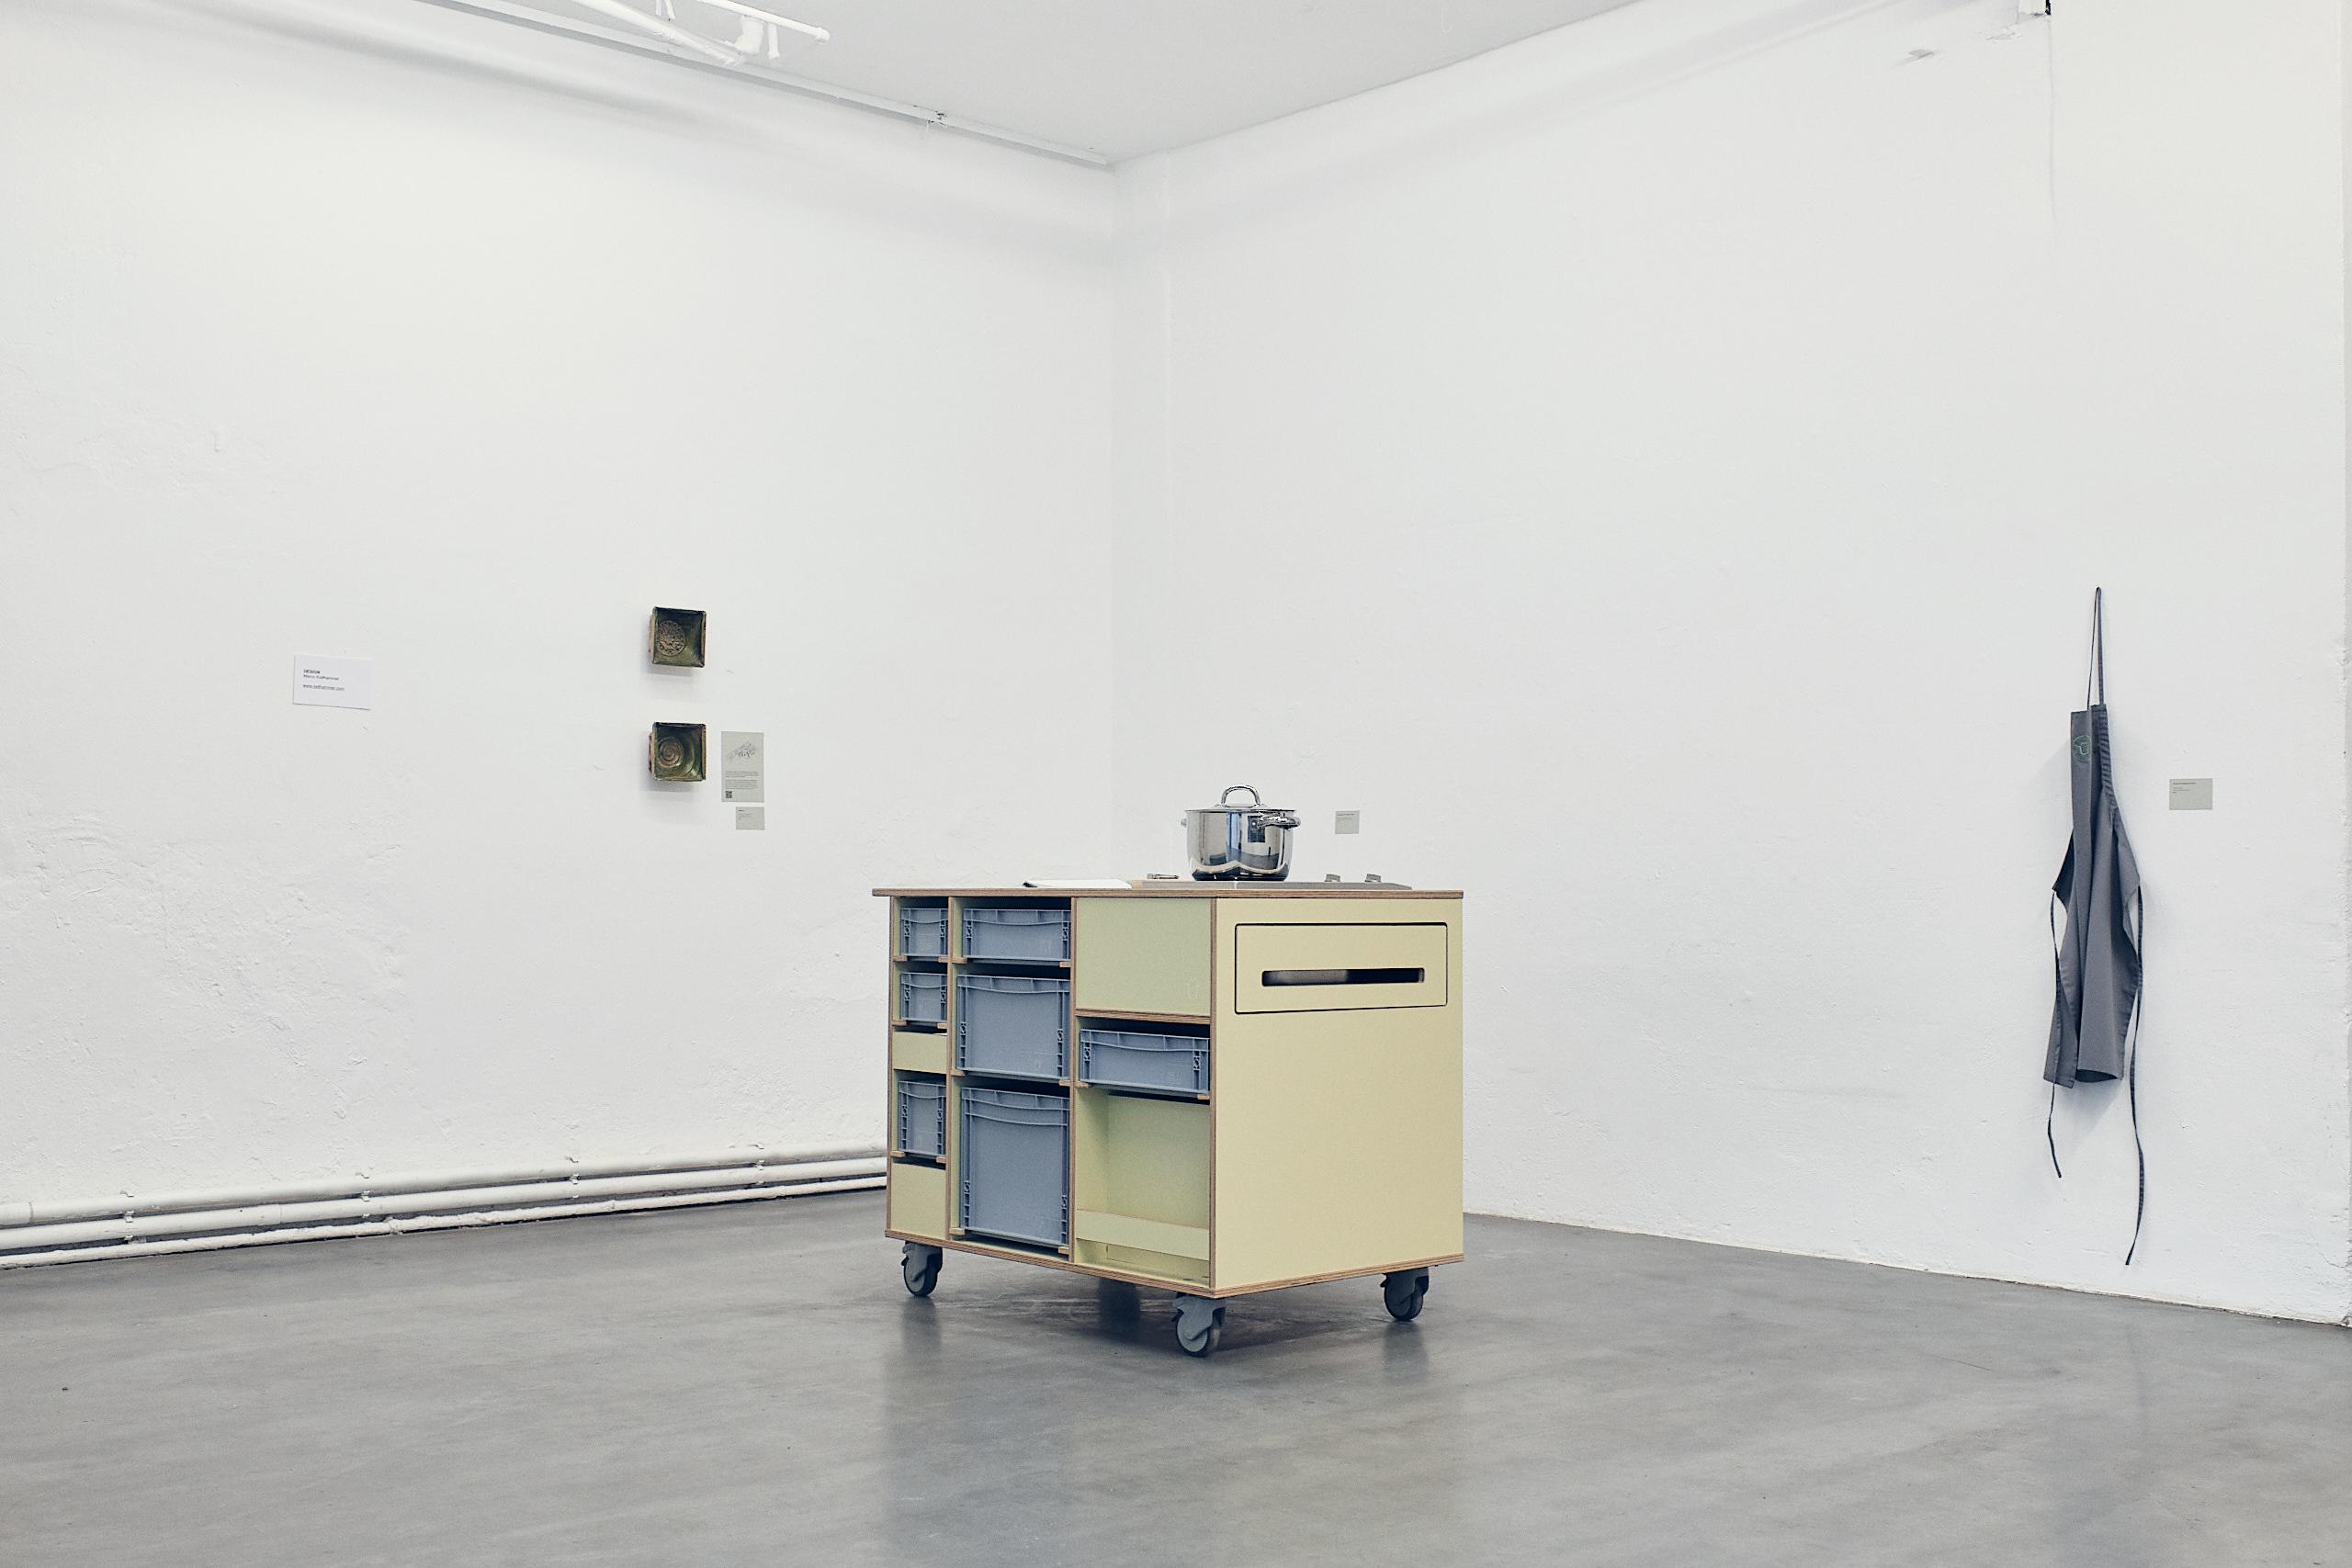 (c) Alescha Birkenholz